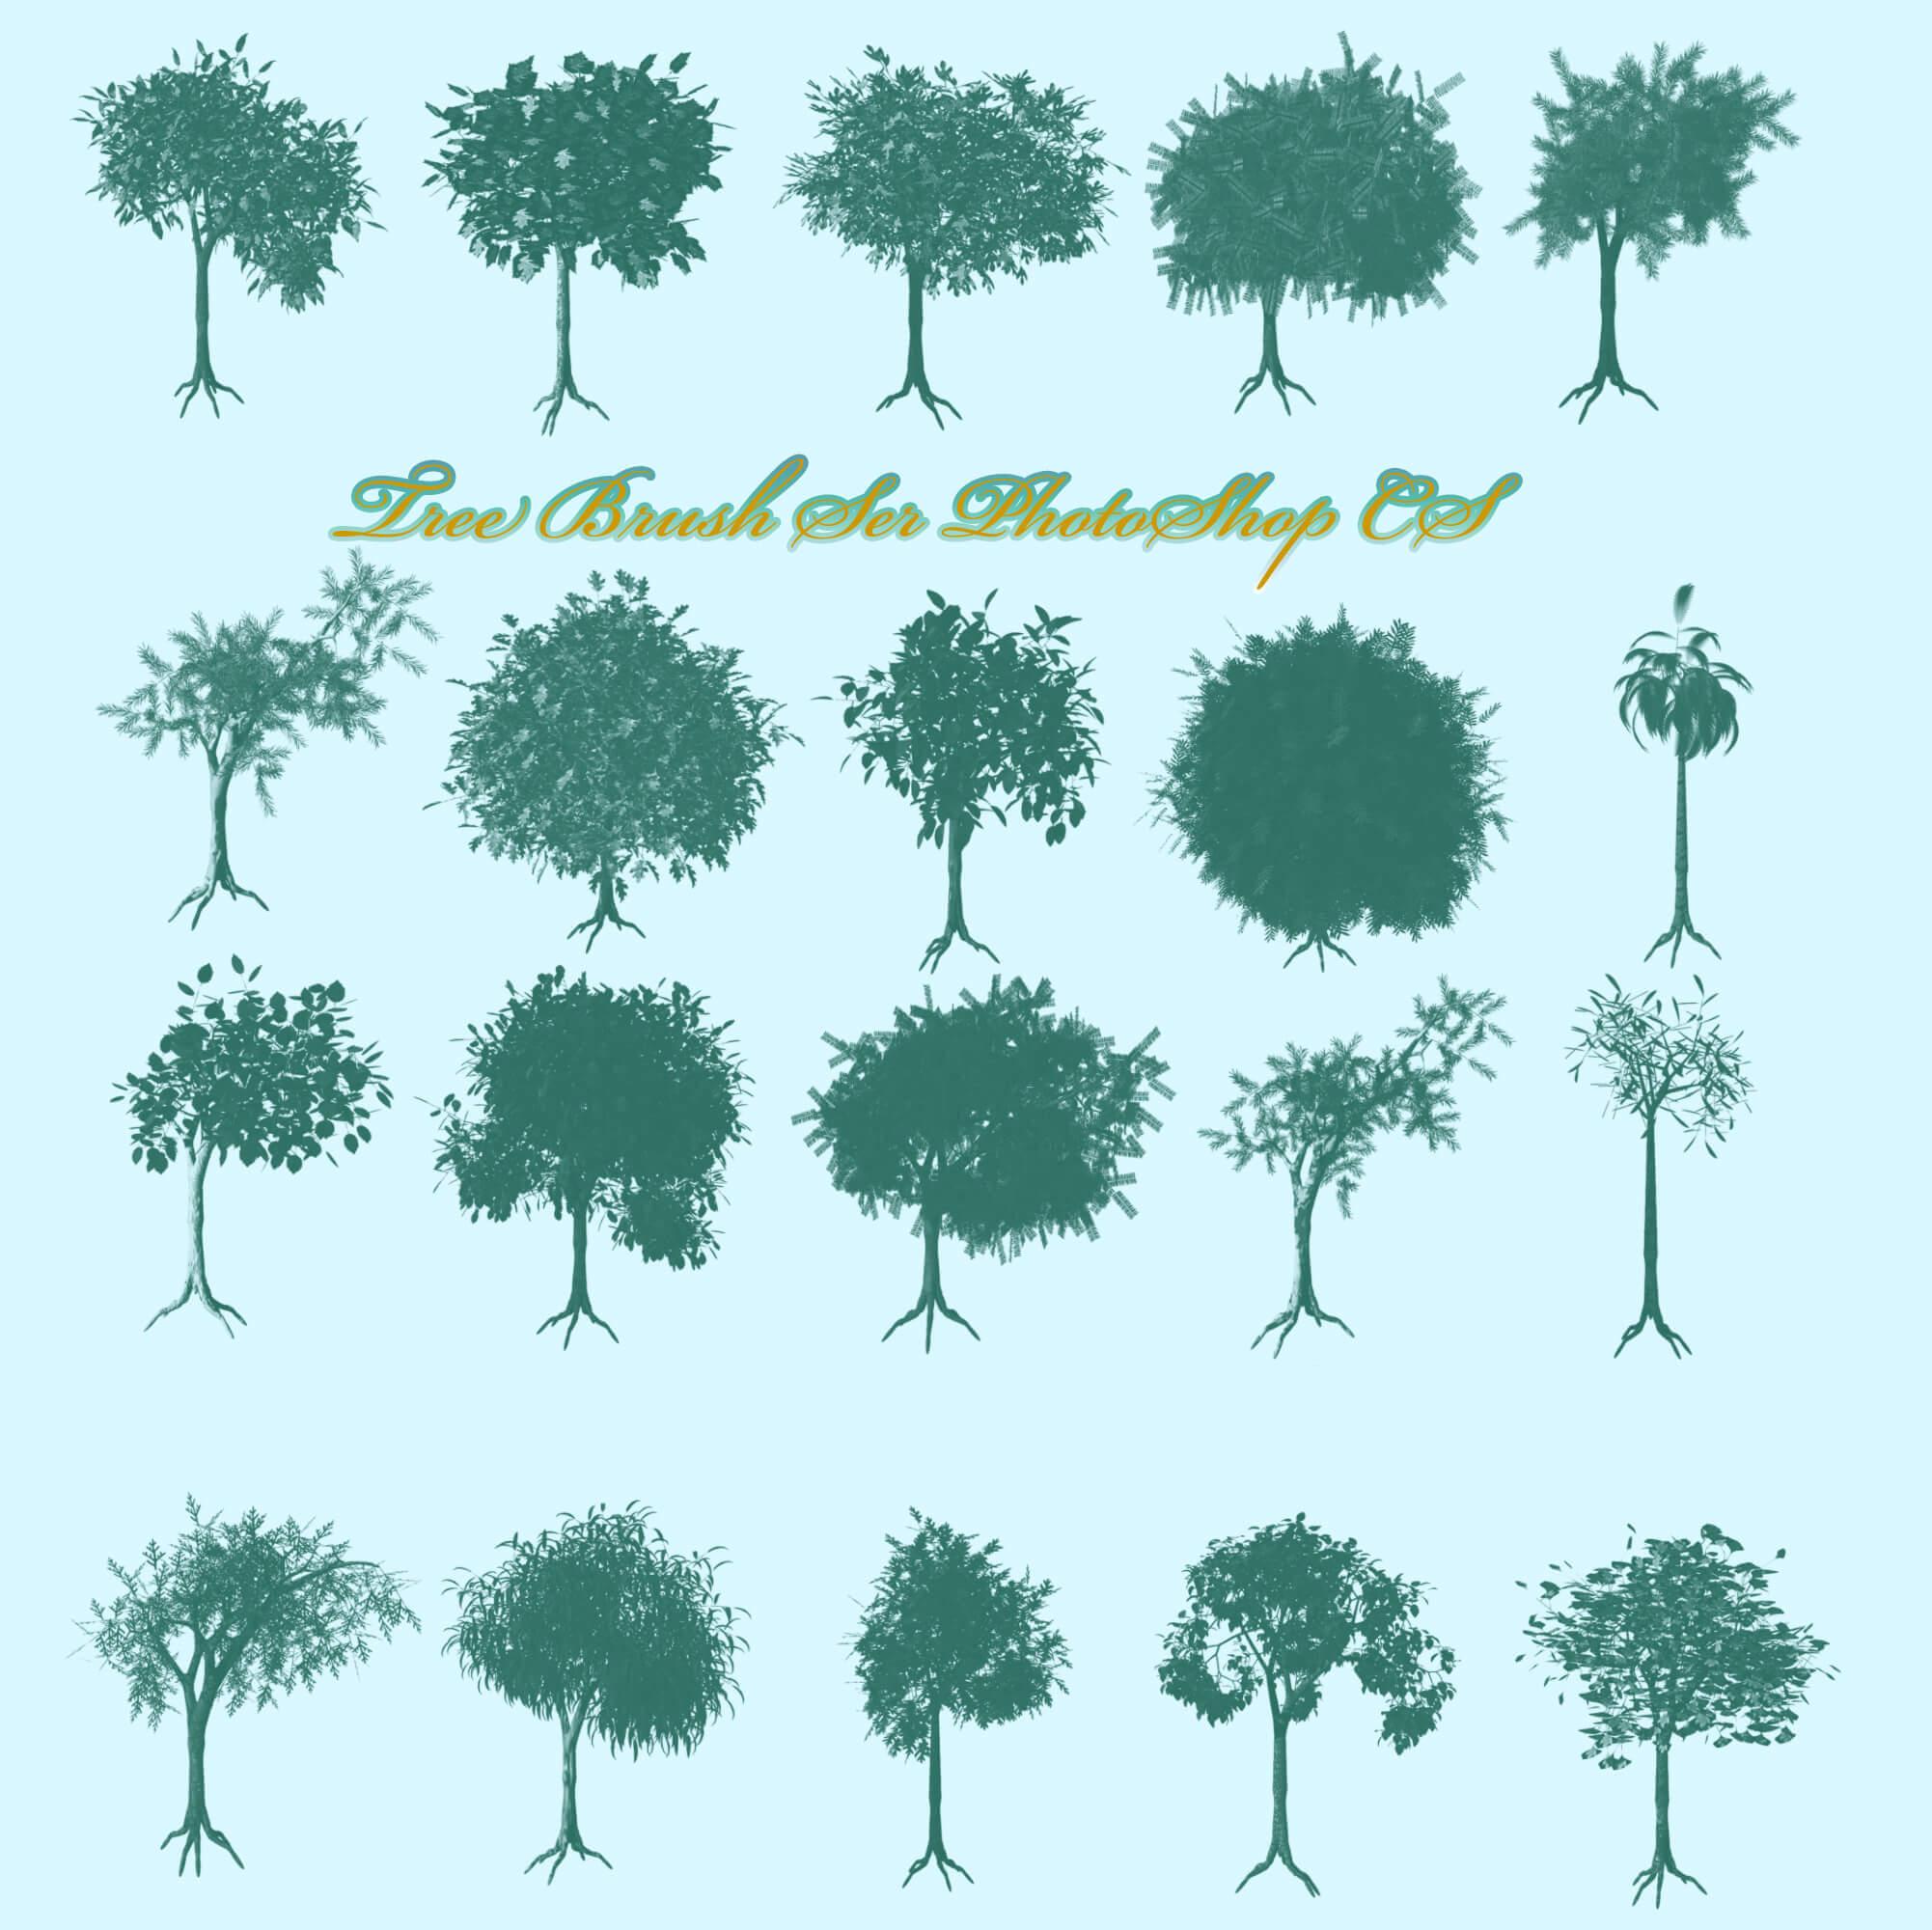 Кисти с различными видами деревьев для Фотошопа